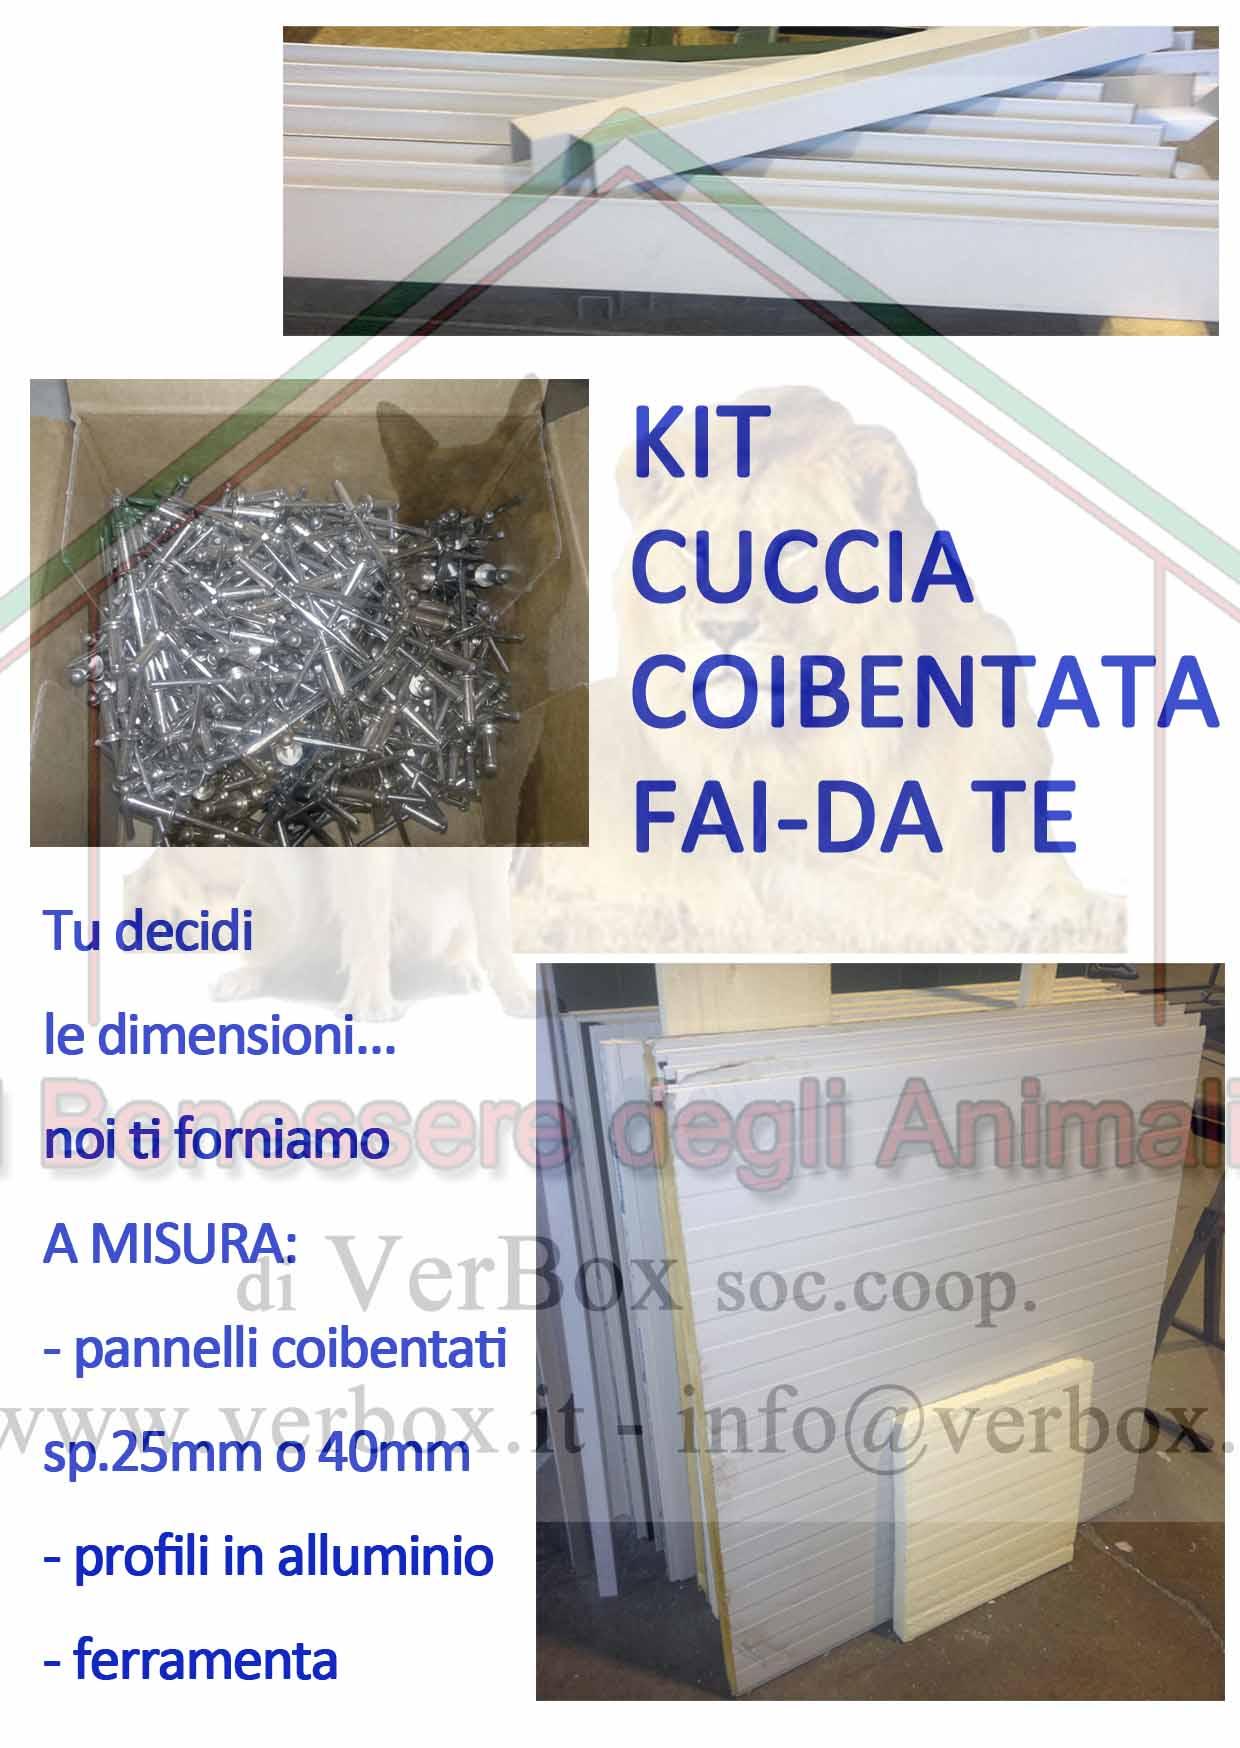 Come Costruire Una Cuccia Coibentata kit per cuccia coibentata fai da te con profili in alluminio